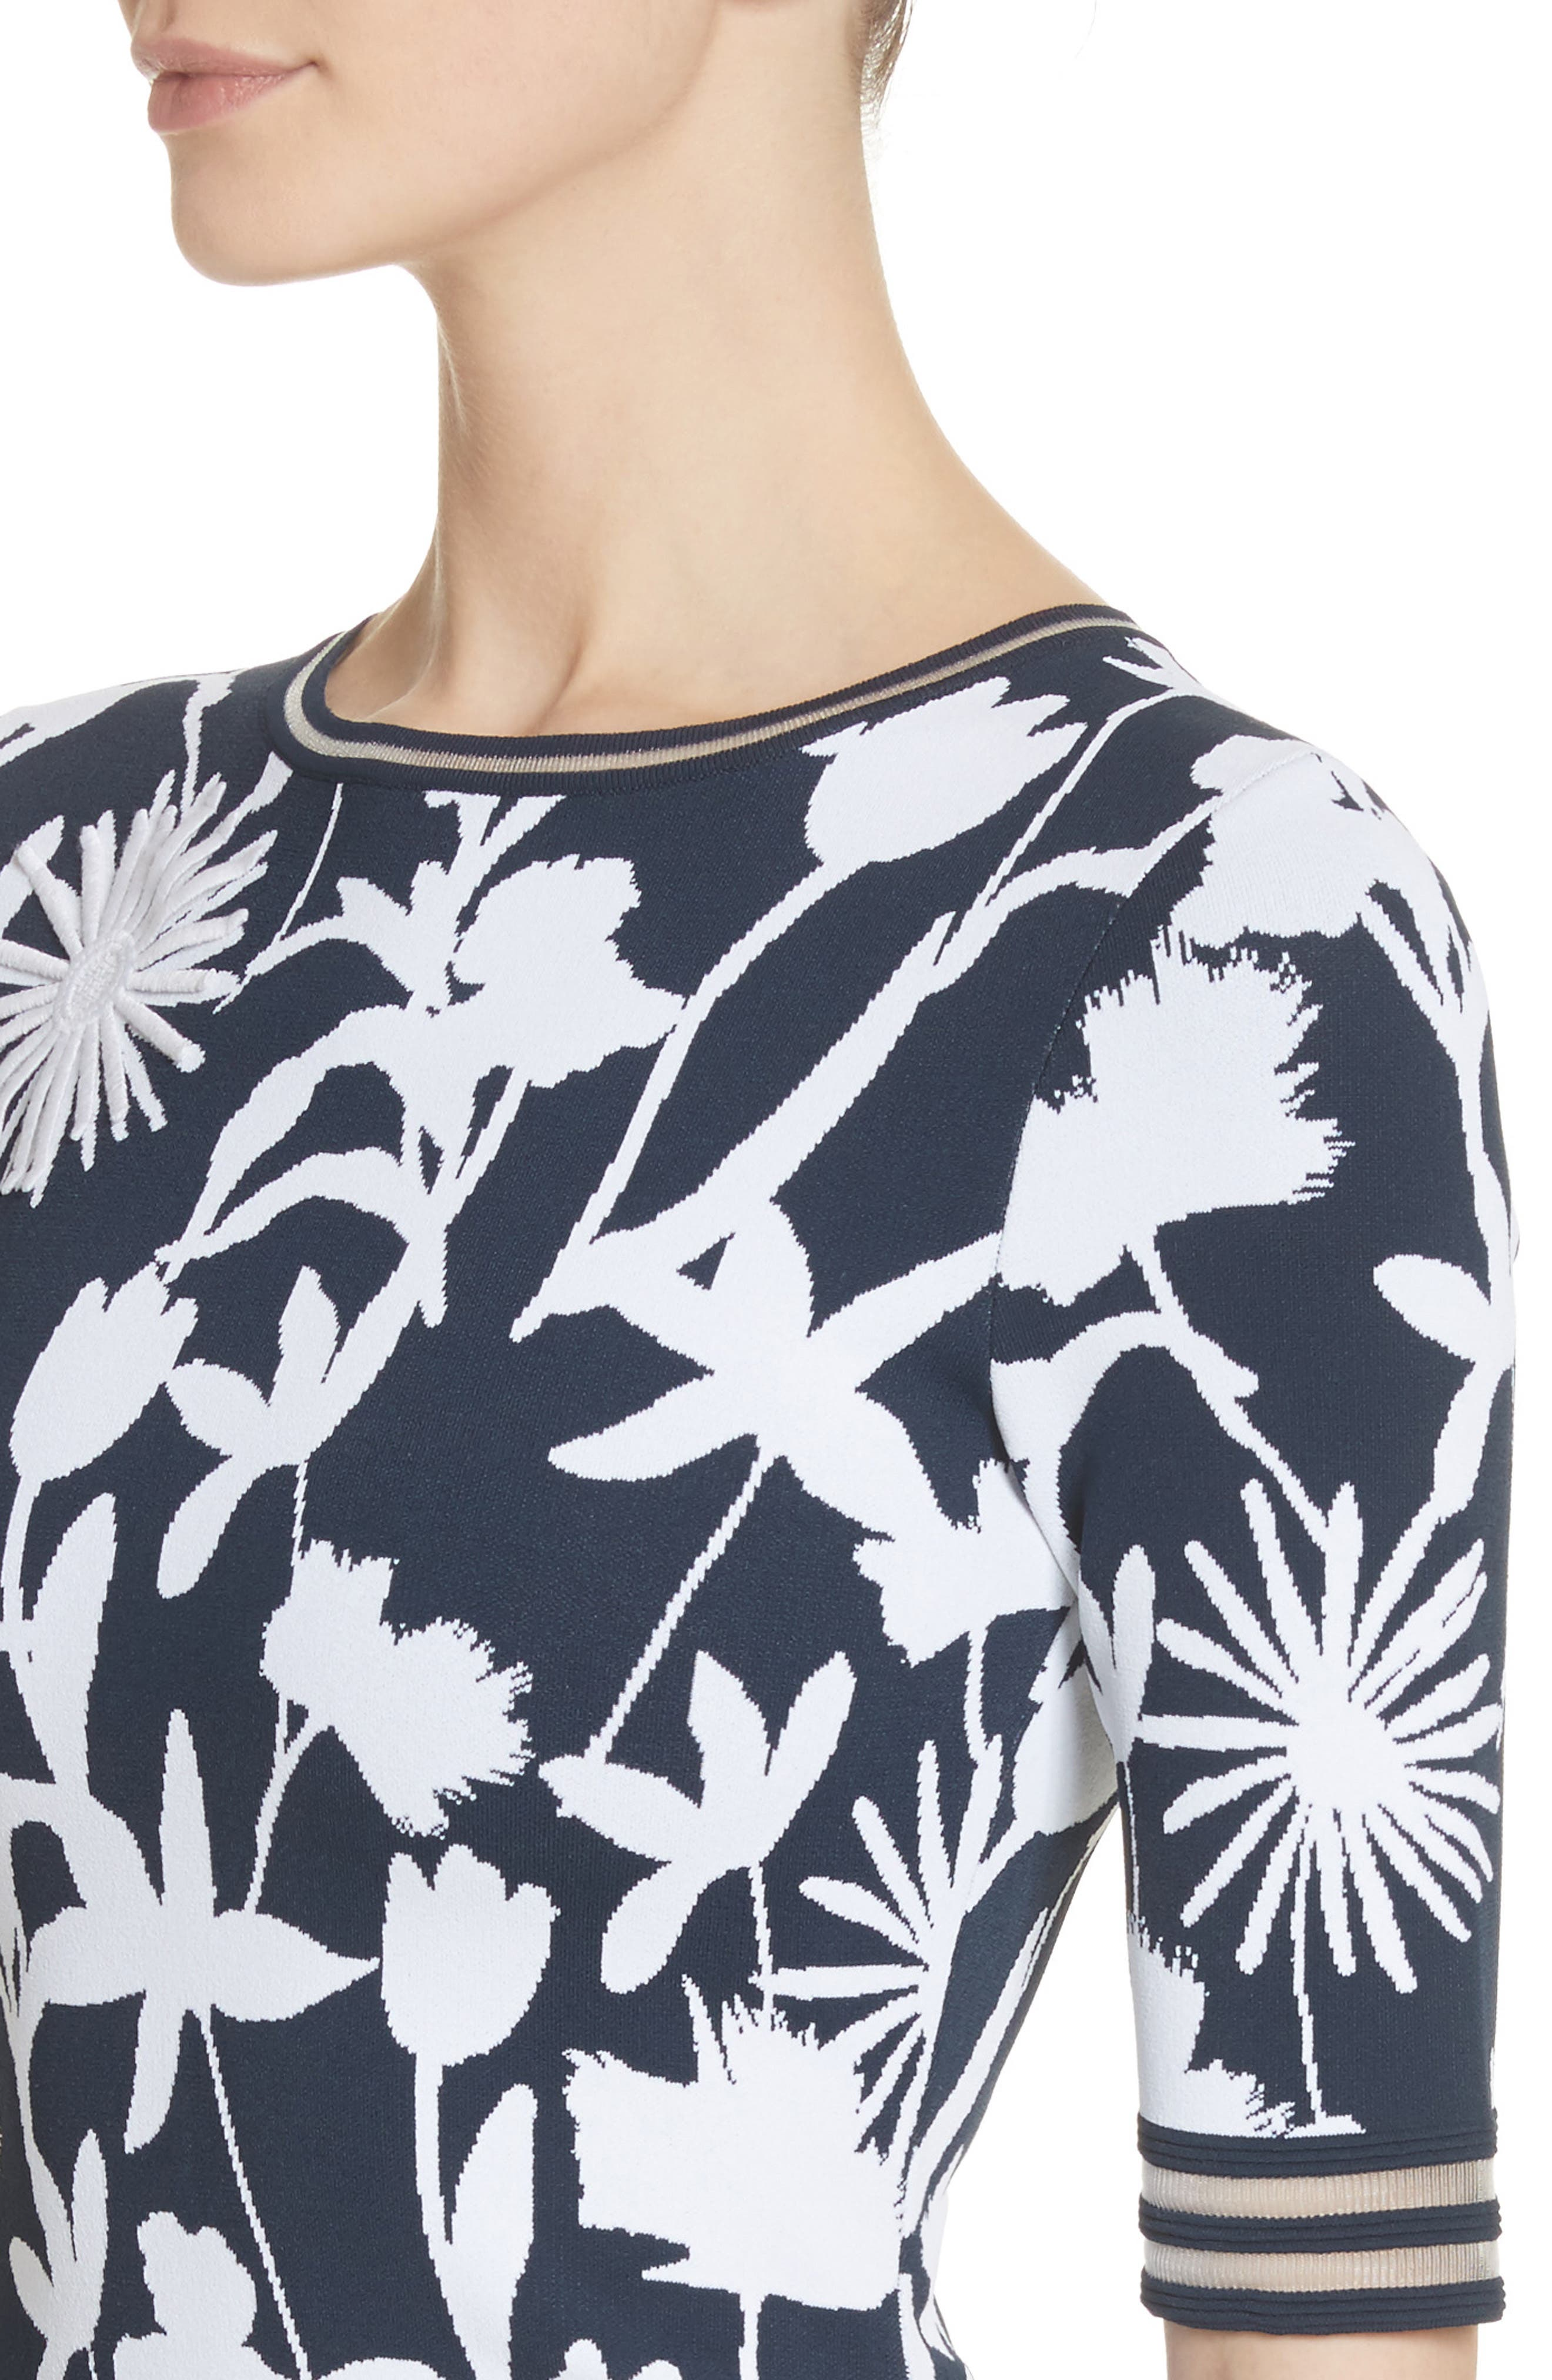 Floral Appliqué Intarsia Knit Dress,                             Alternate thumbnail 4, color,                             184